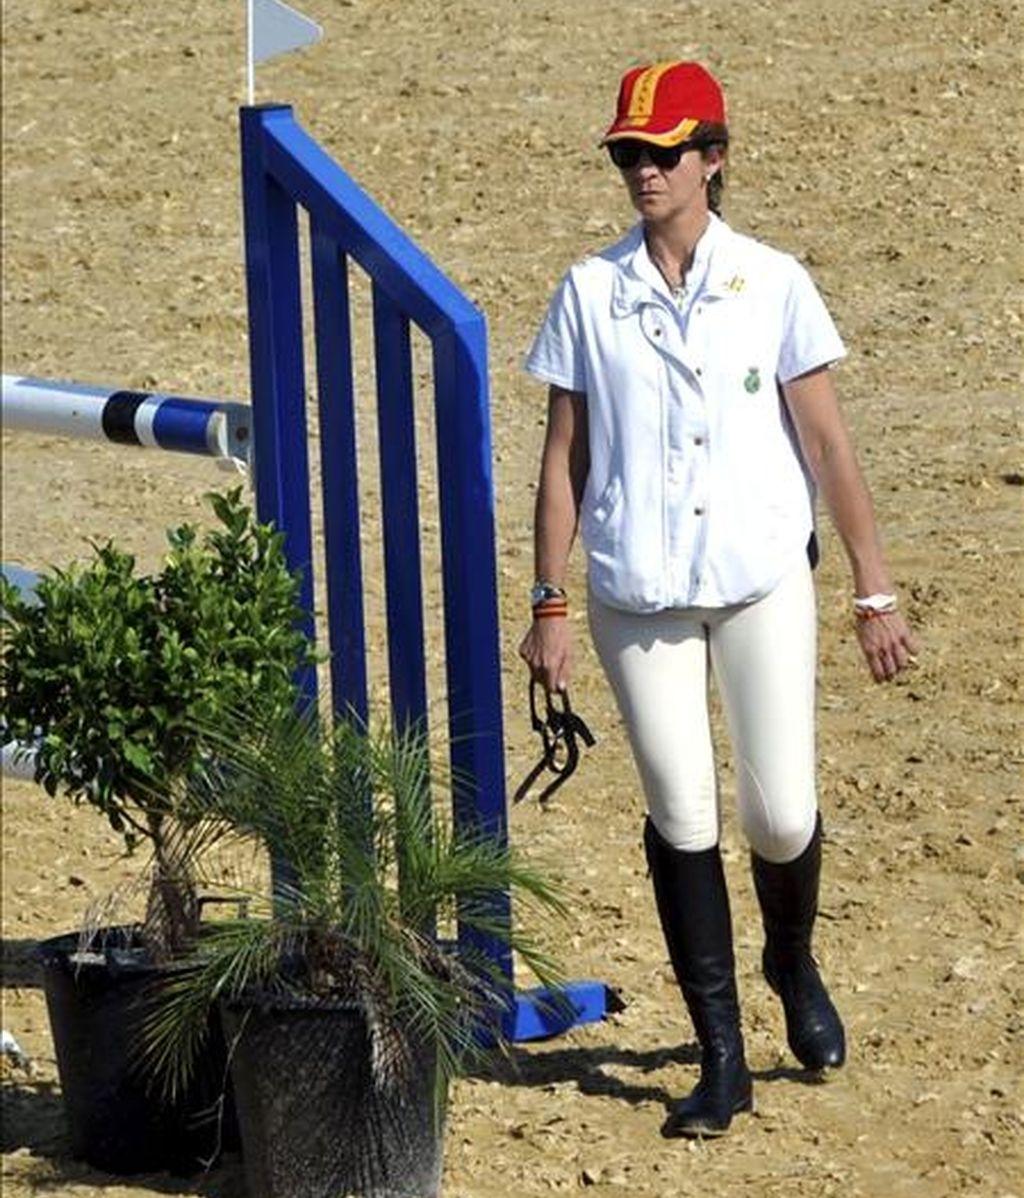 La infanta Elena participó hoy en la localidad murciana de Molina de Segura en una prueba hípica de salto. EFE